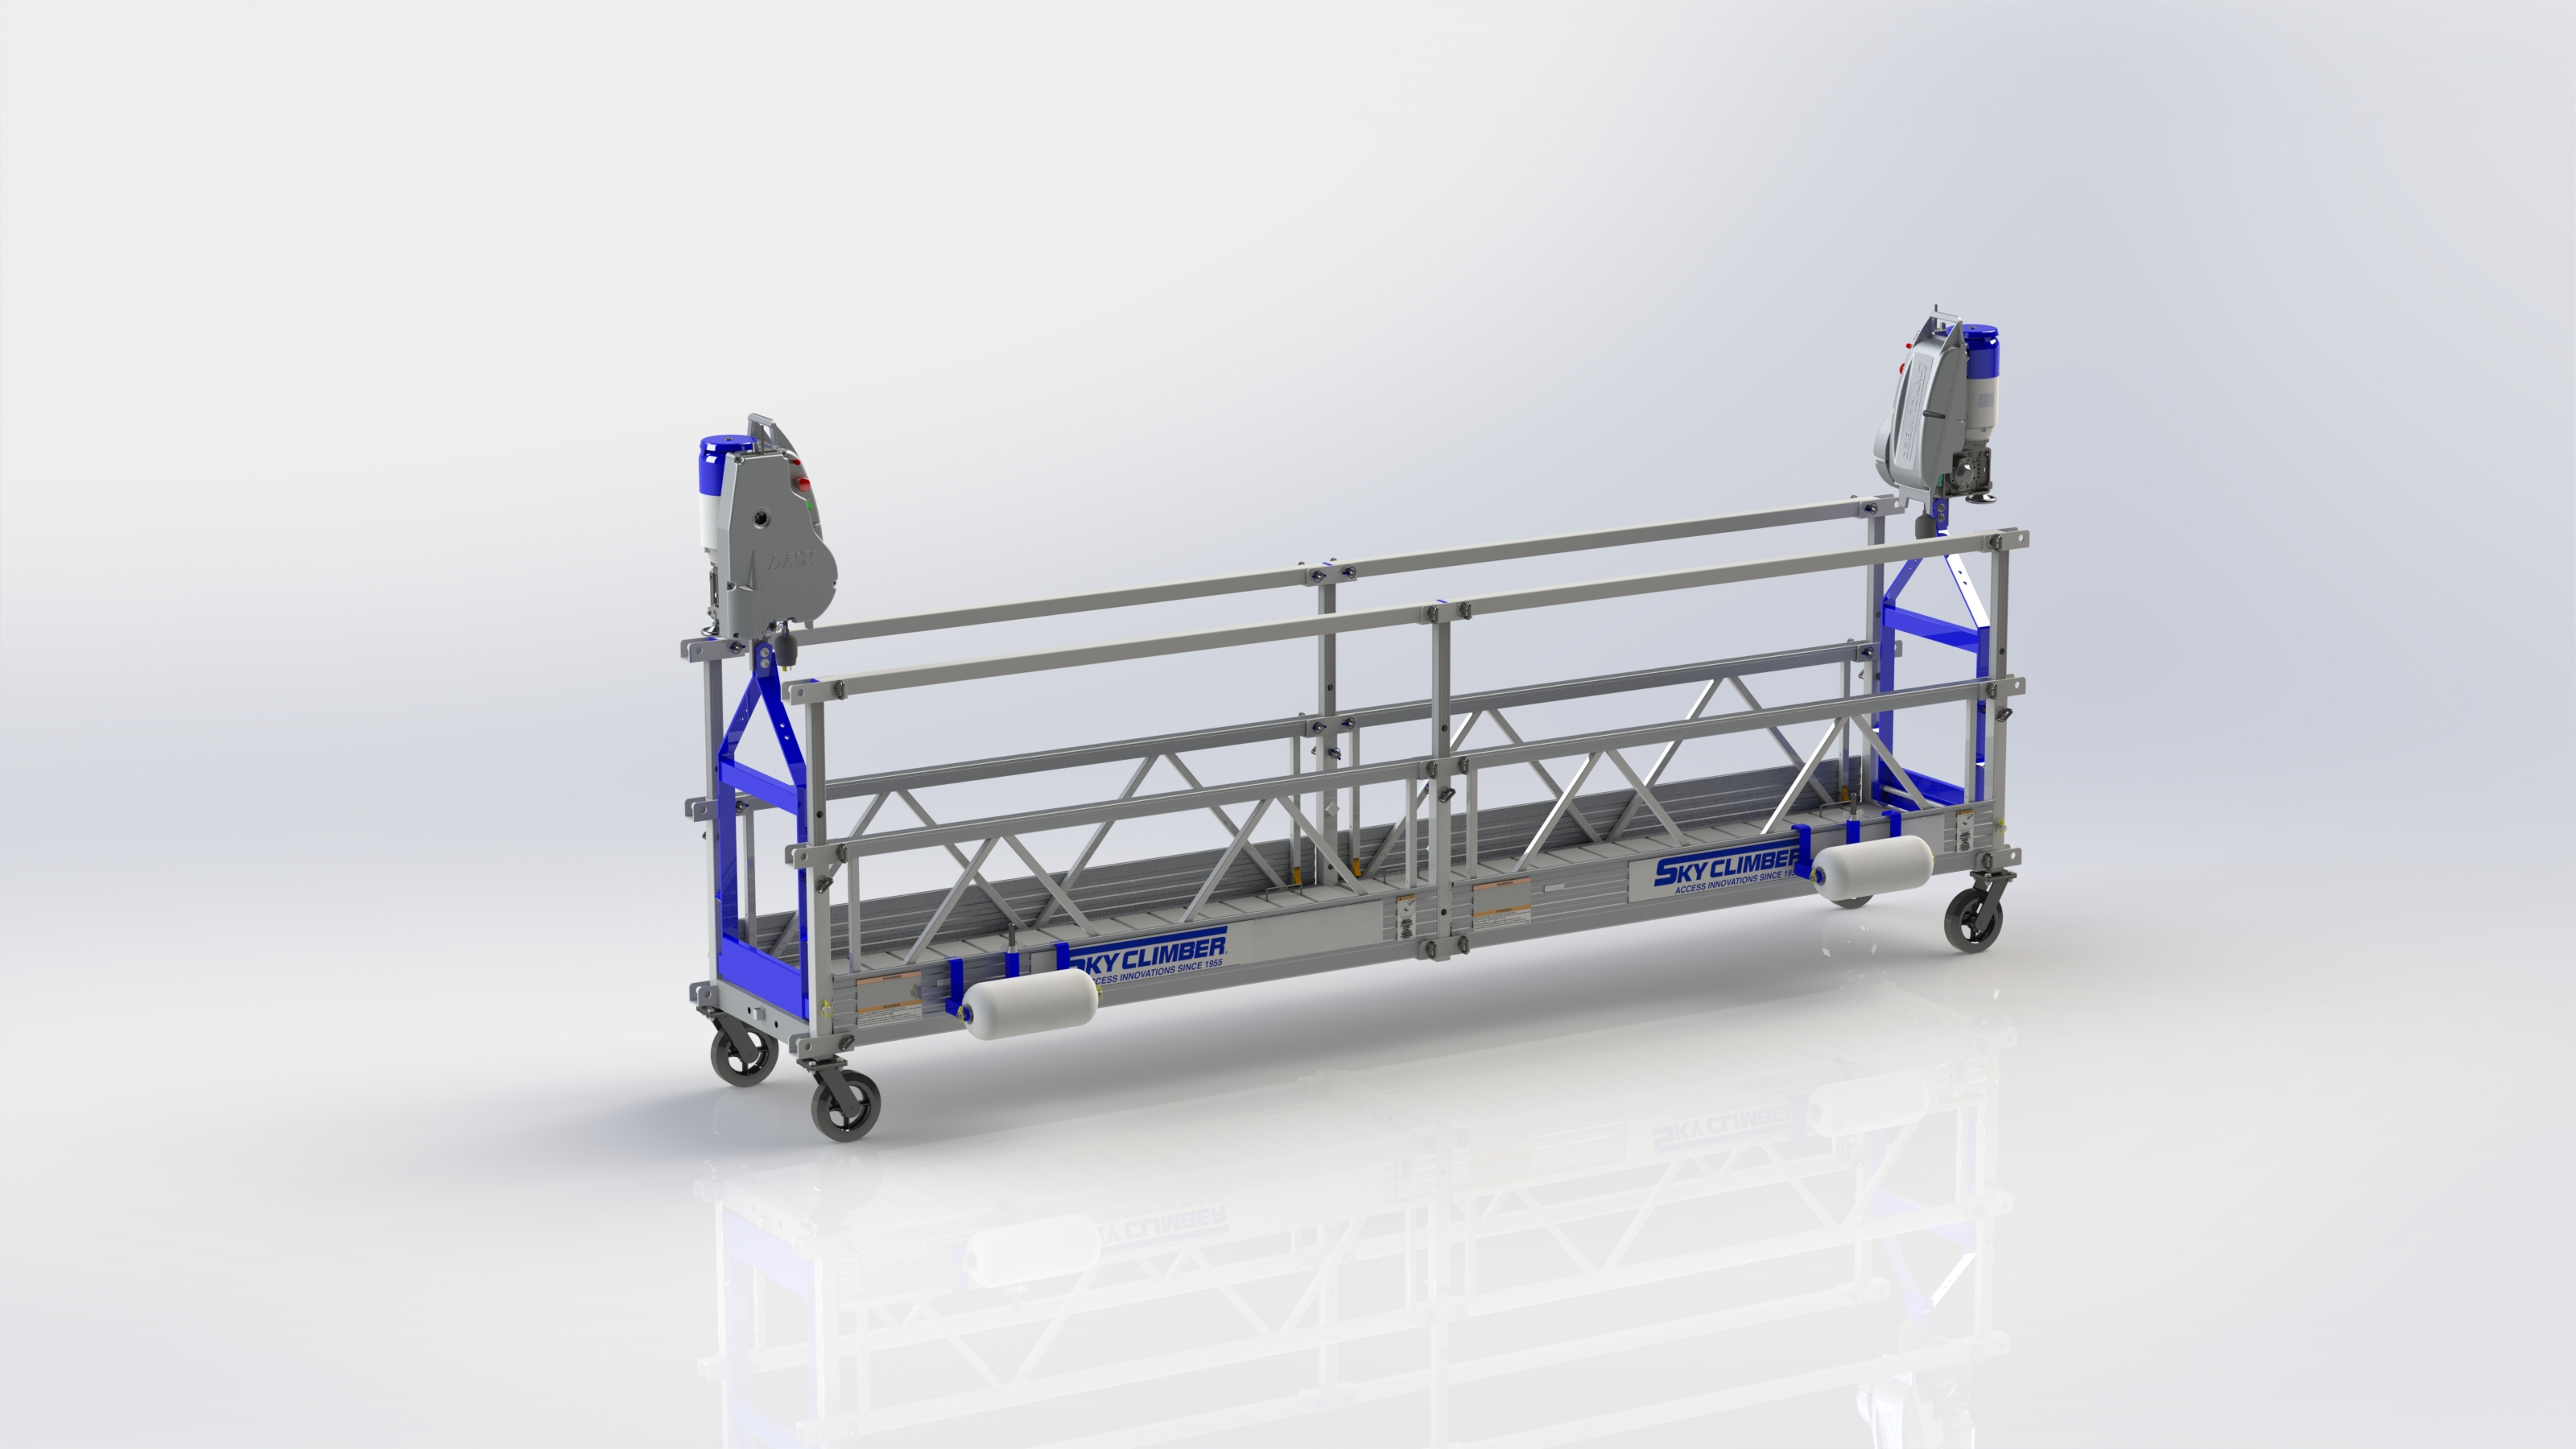 SSU Standard Platforms